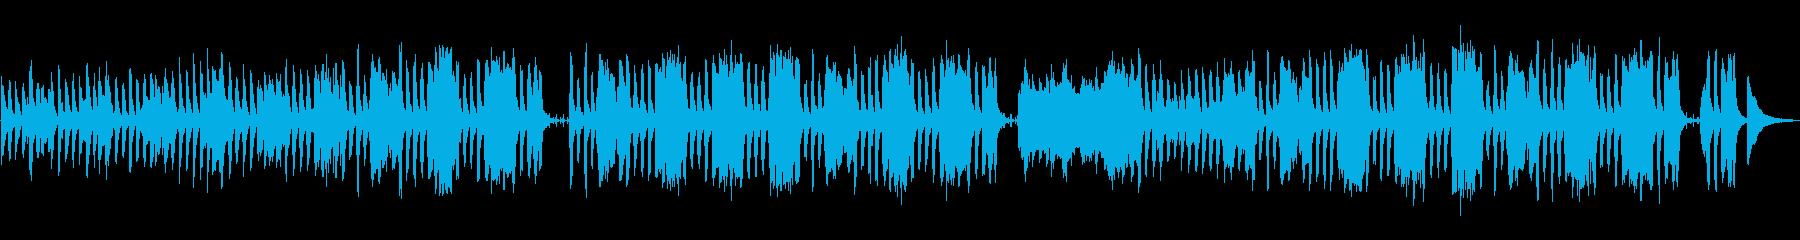 ほのぼのポップな日常BGMの再生済みの波形